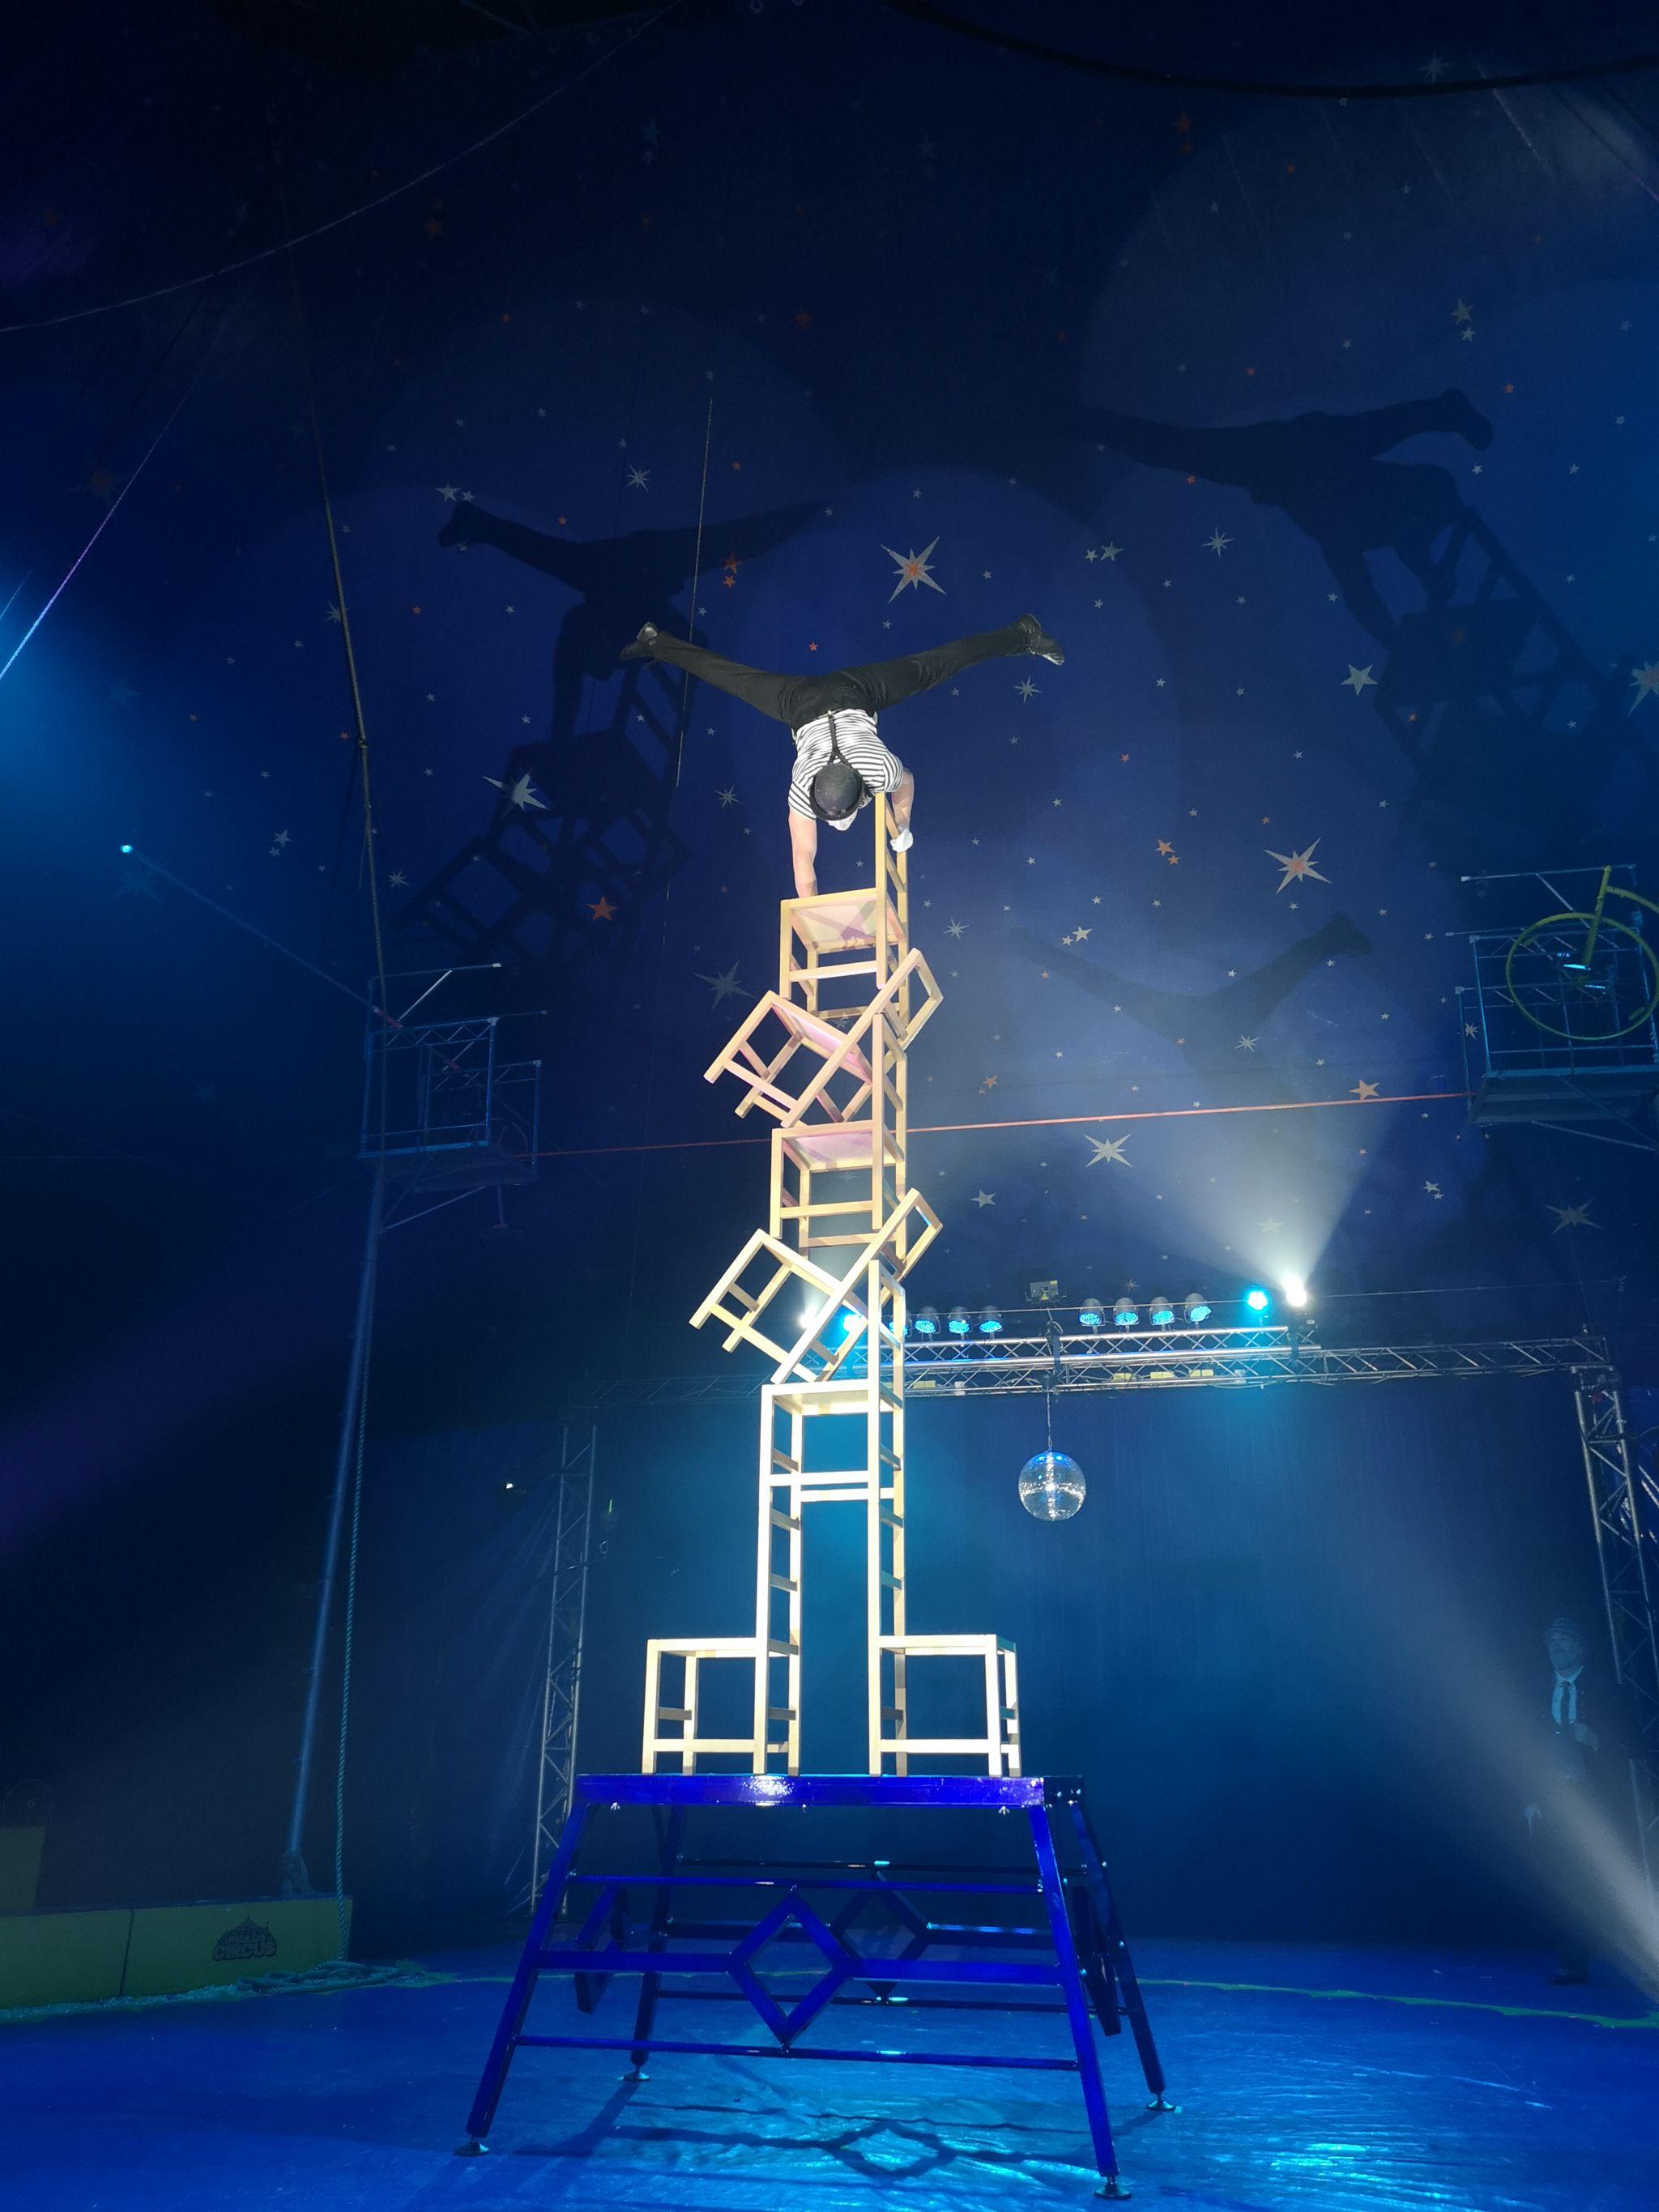 circus Act balancing on chairs